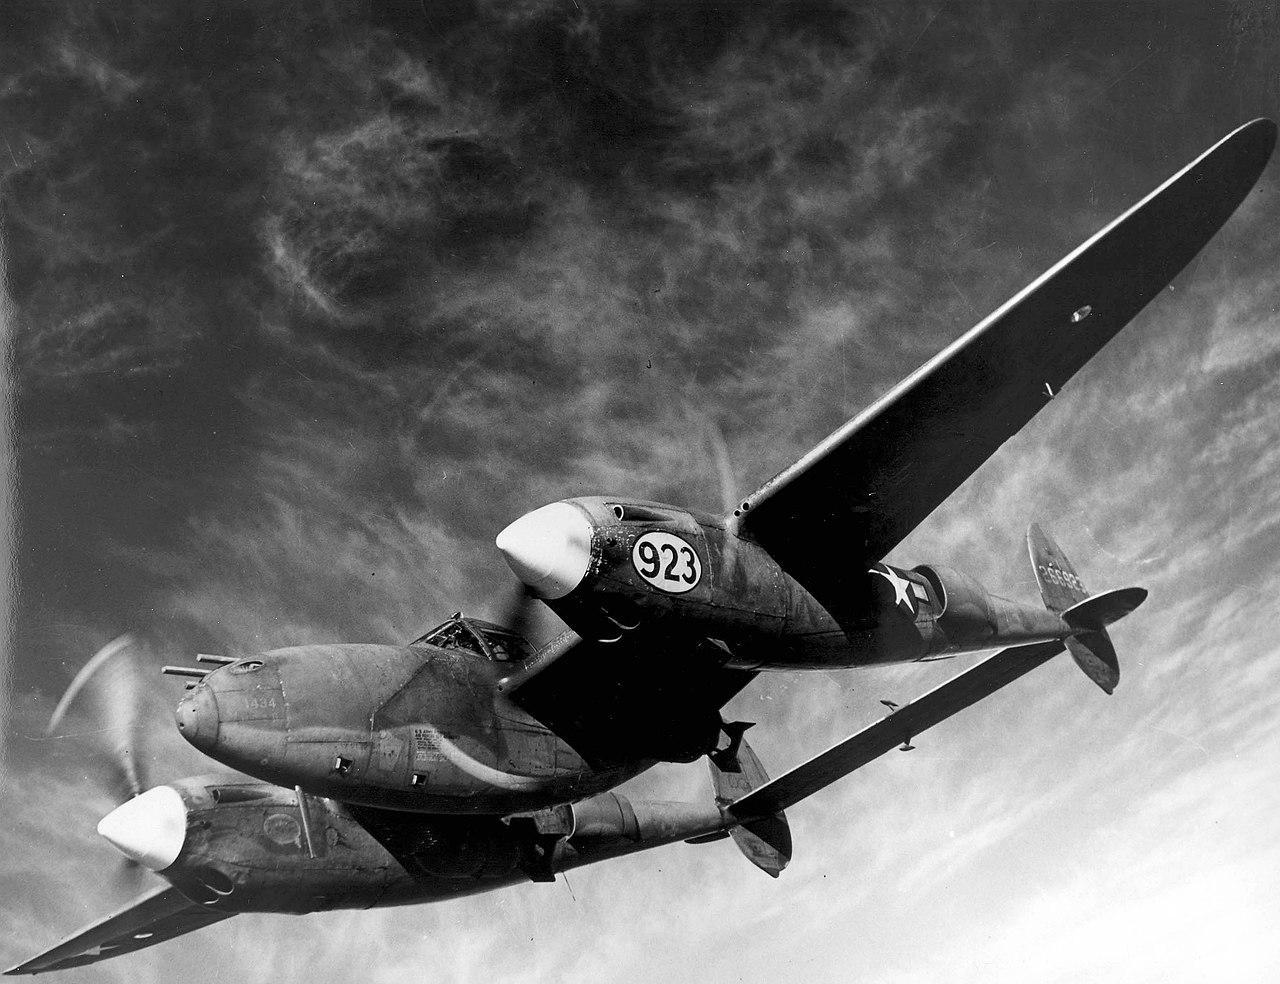 Разработанный компанией Lockheed Aircraft Corporation самолёт P-38 Lightning был единственным американским истребителем, который непрерывно производился на протяжении всей Второй мировой войны. Фото © wikipedia